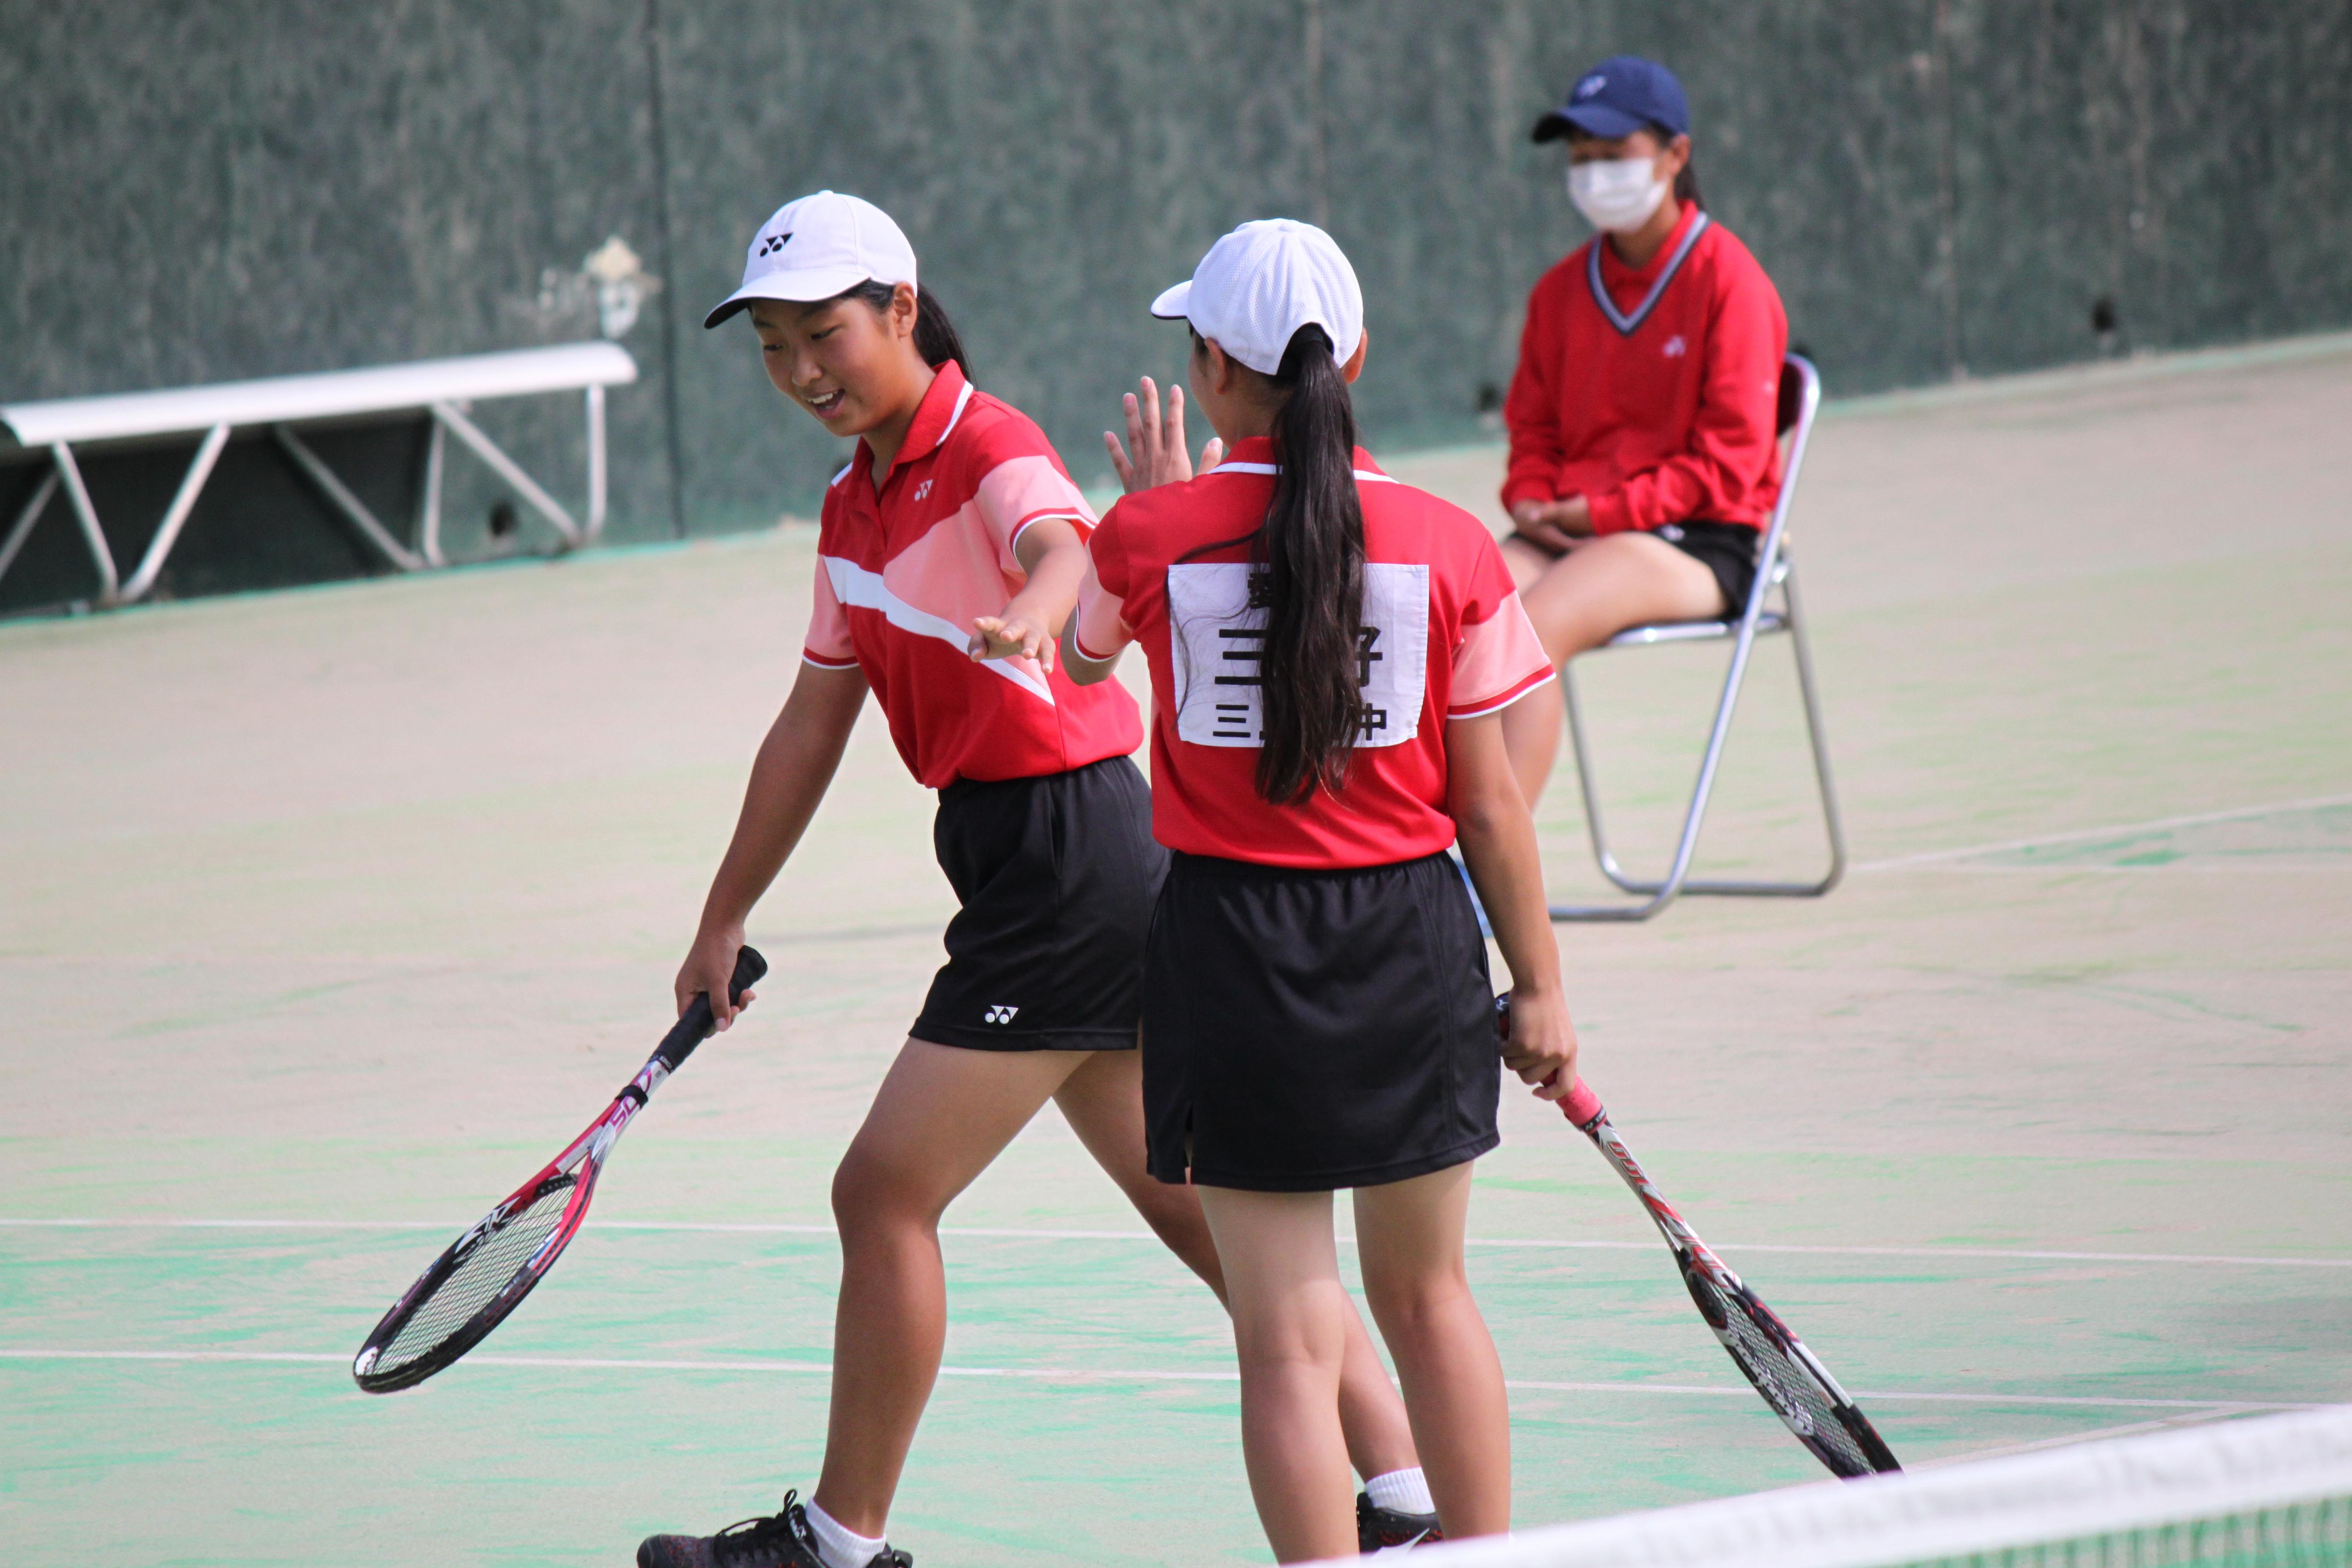 ソフトテニス (63)